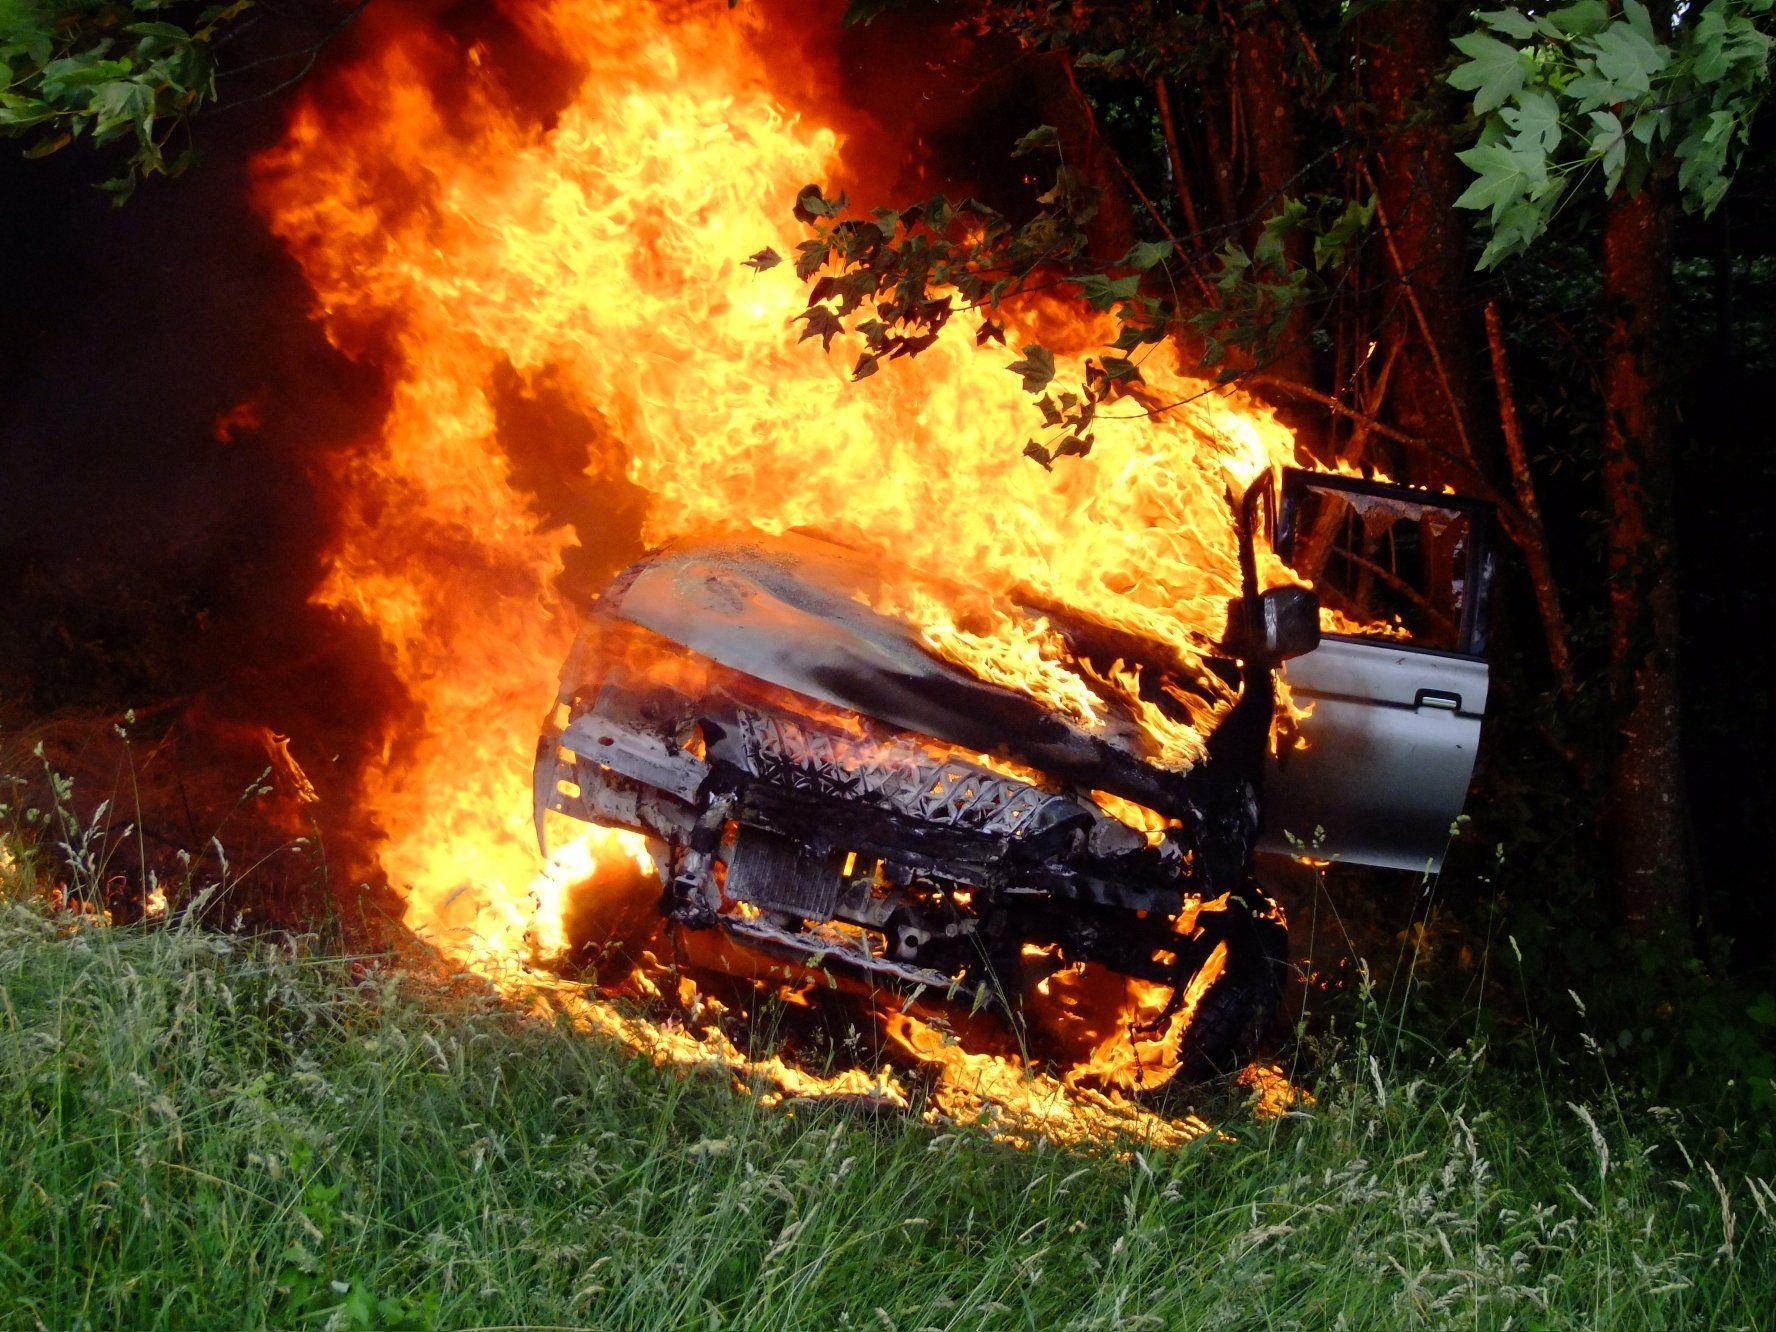 Lichterloh brannte am Dienstag im Schweizer Gams ein Lieferwagen.